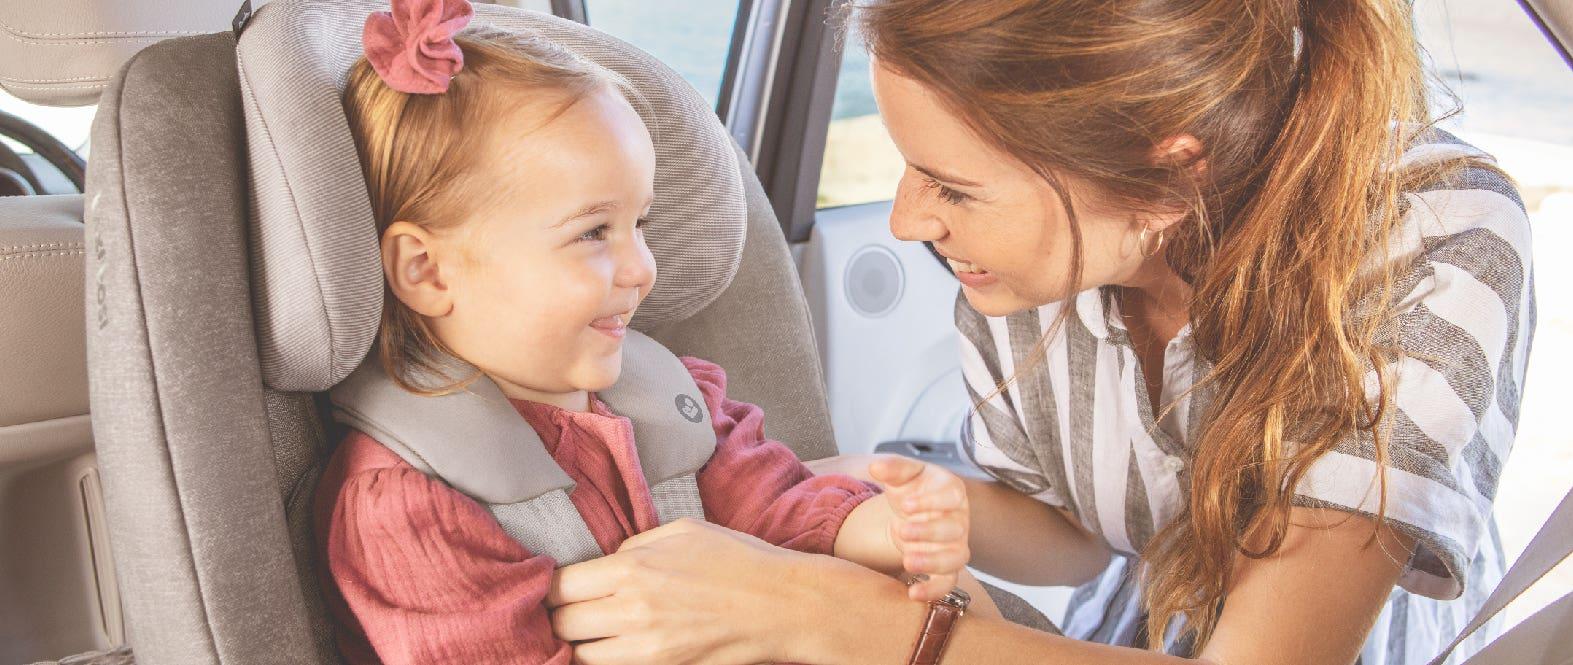 ¿Por qué debo llevar a mi hijo en una silla de autos?